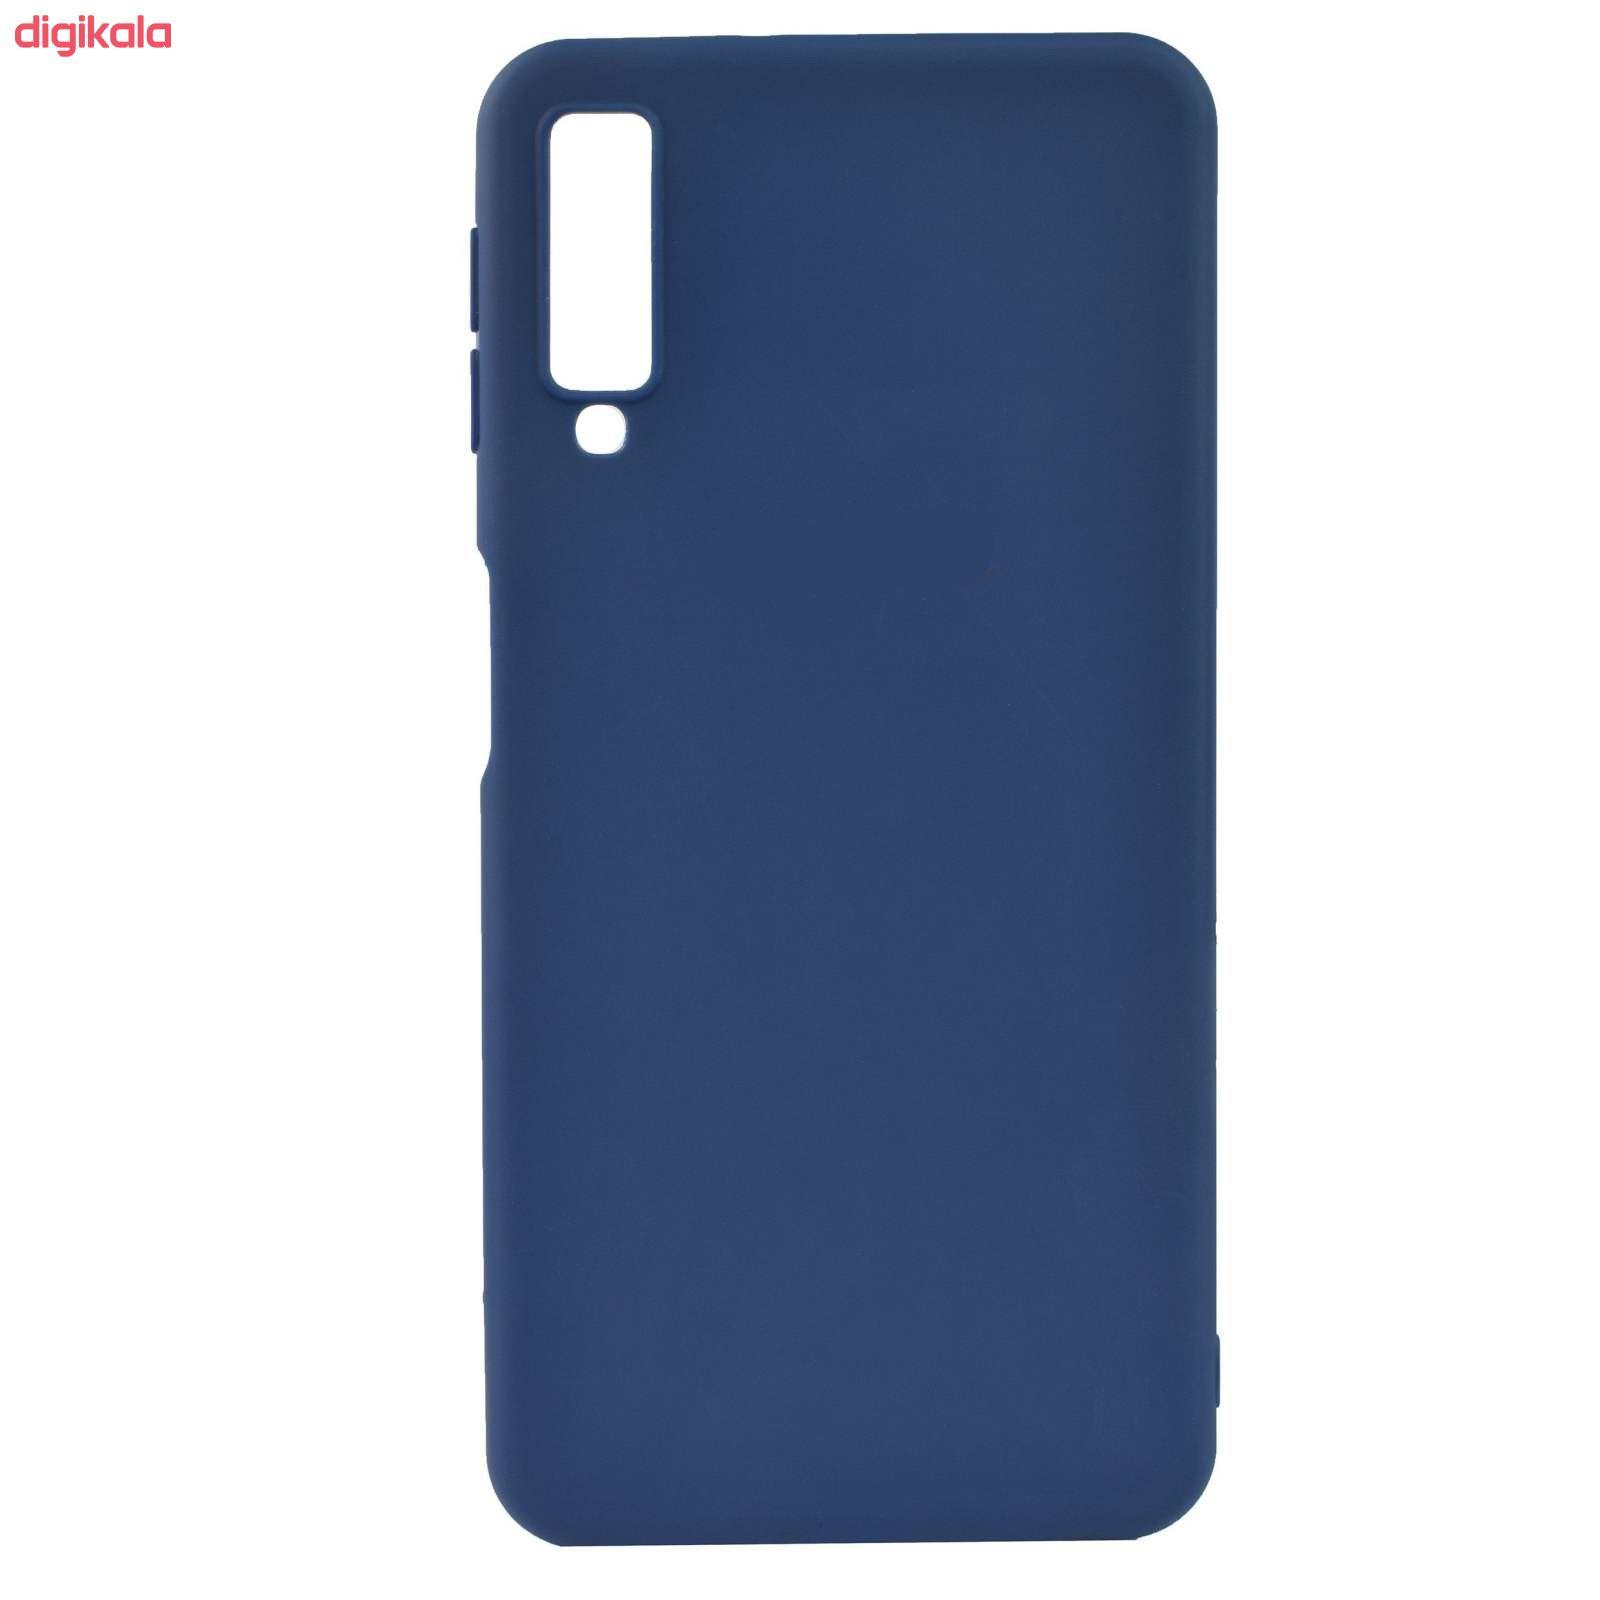 کاور مدل 01 مناسب برای گوشی موبایل سامسونگ Galaxy A7 2018 / A750 main 1 1